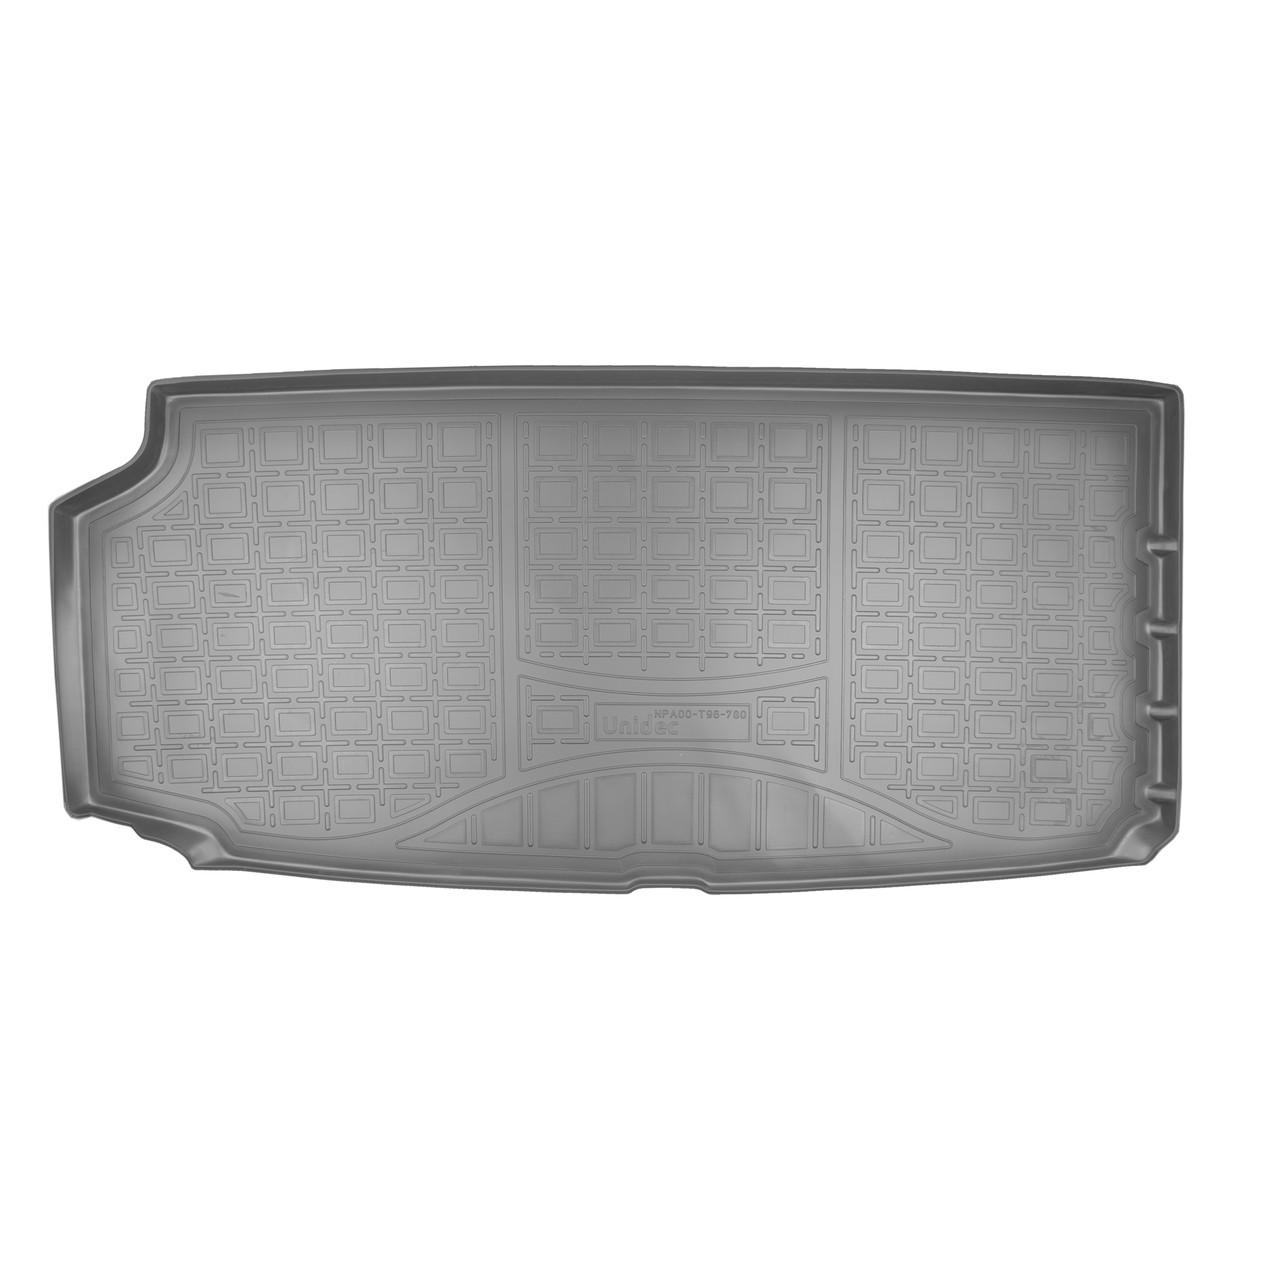 Коврик в багажник Volvo XC90 (2015) (разложенный 3 ряд)